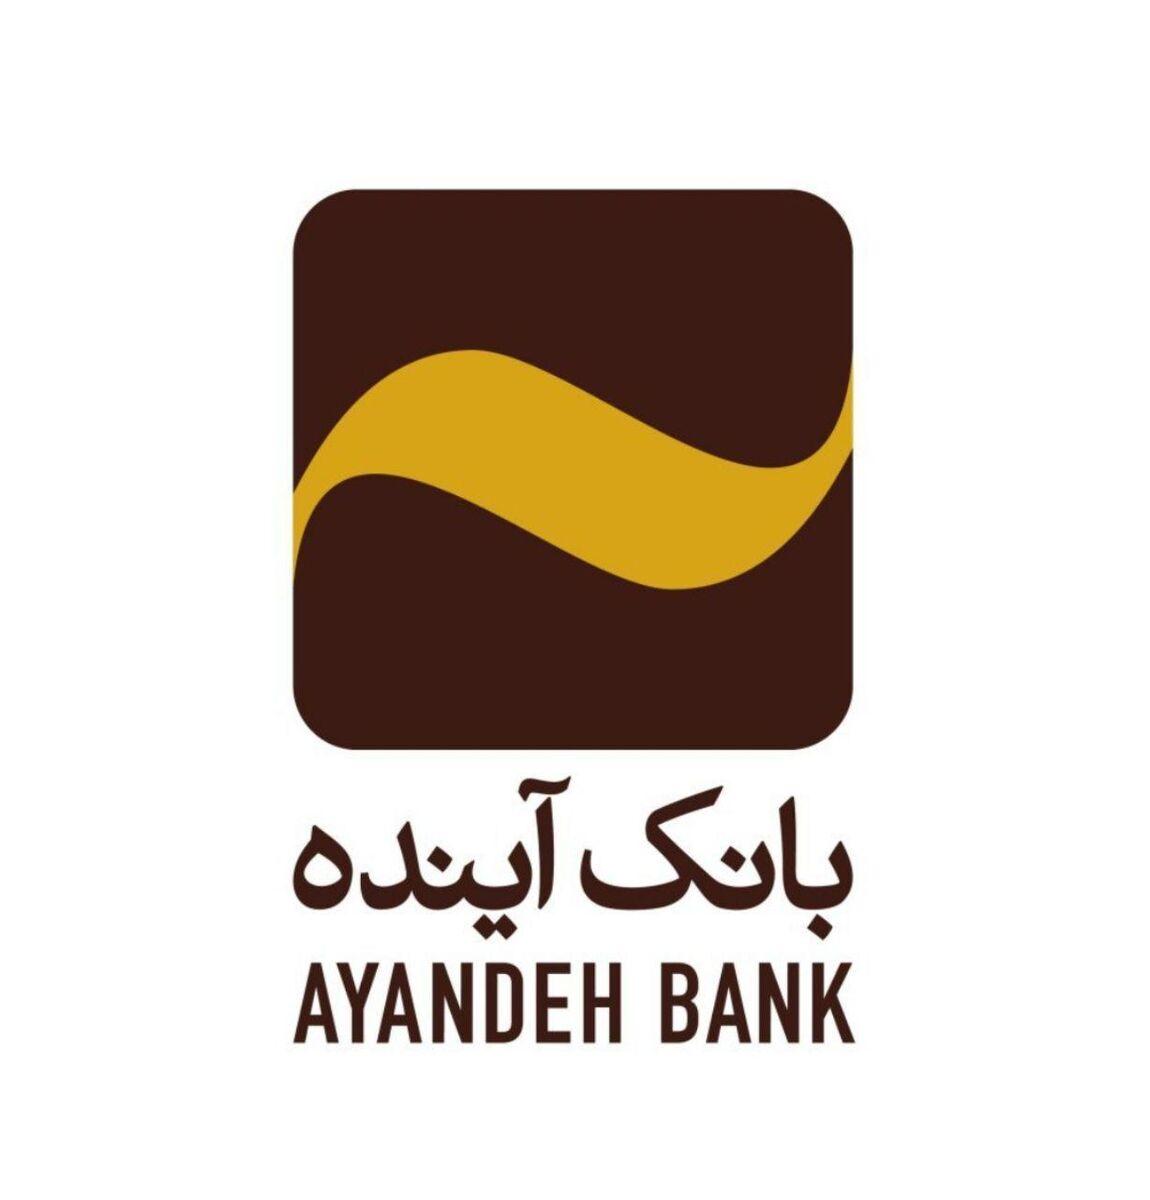 بانک آینده در تولید ملی نقشآفرینی میکند|امضای تفاهم نامه همکاری با بزرگترین کارخانه قند آذربایجان